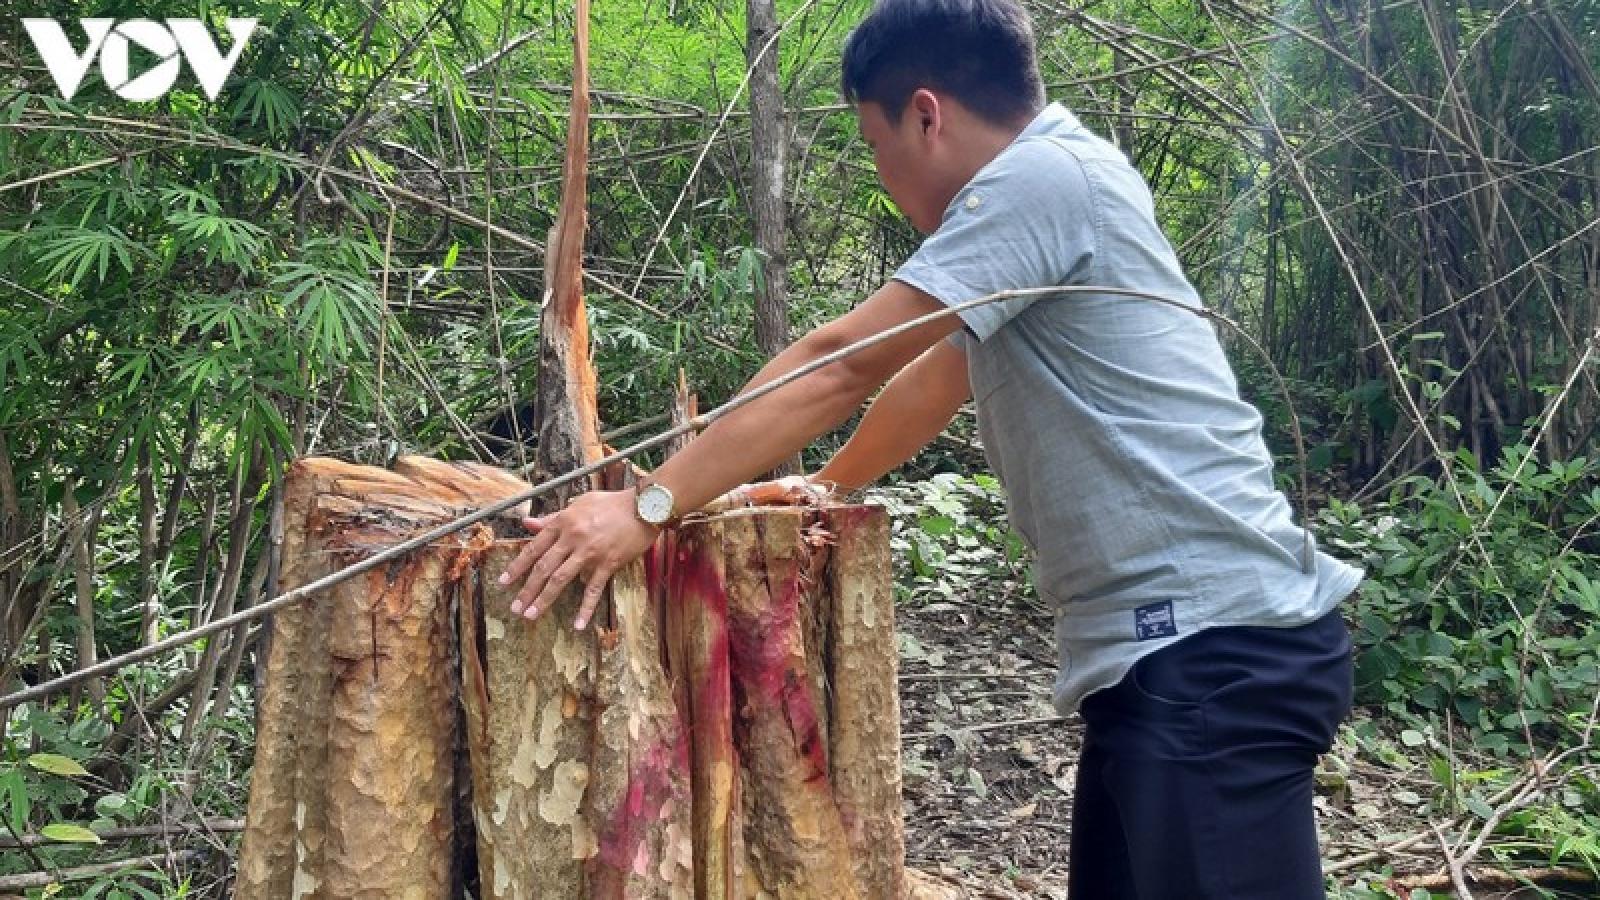 Rừng bị tàn phá ở Gia Lai: Đoàn kiểm tra chỉ phát hiện 7 cây gỗ